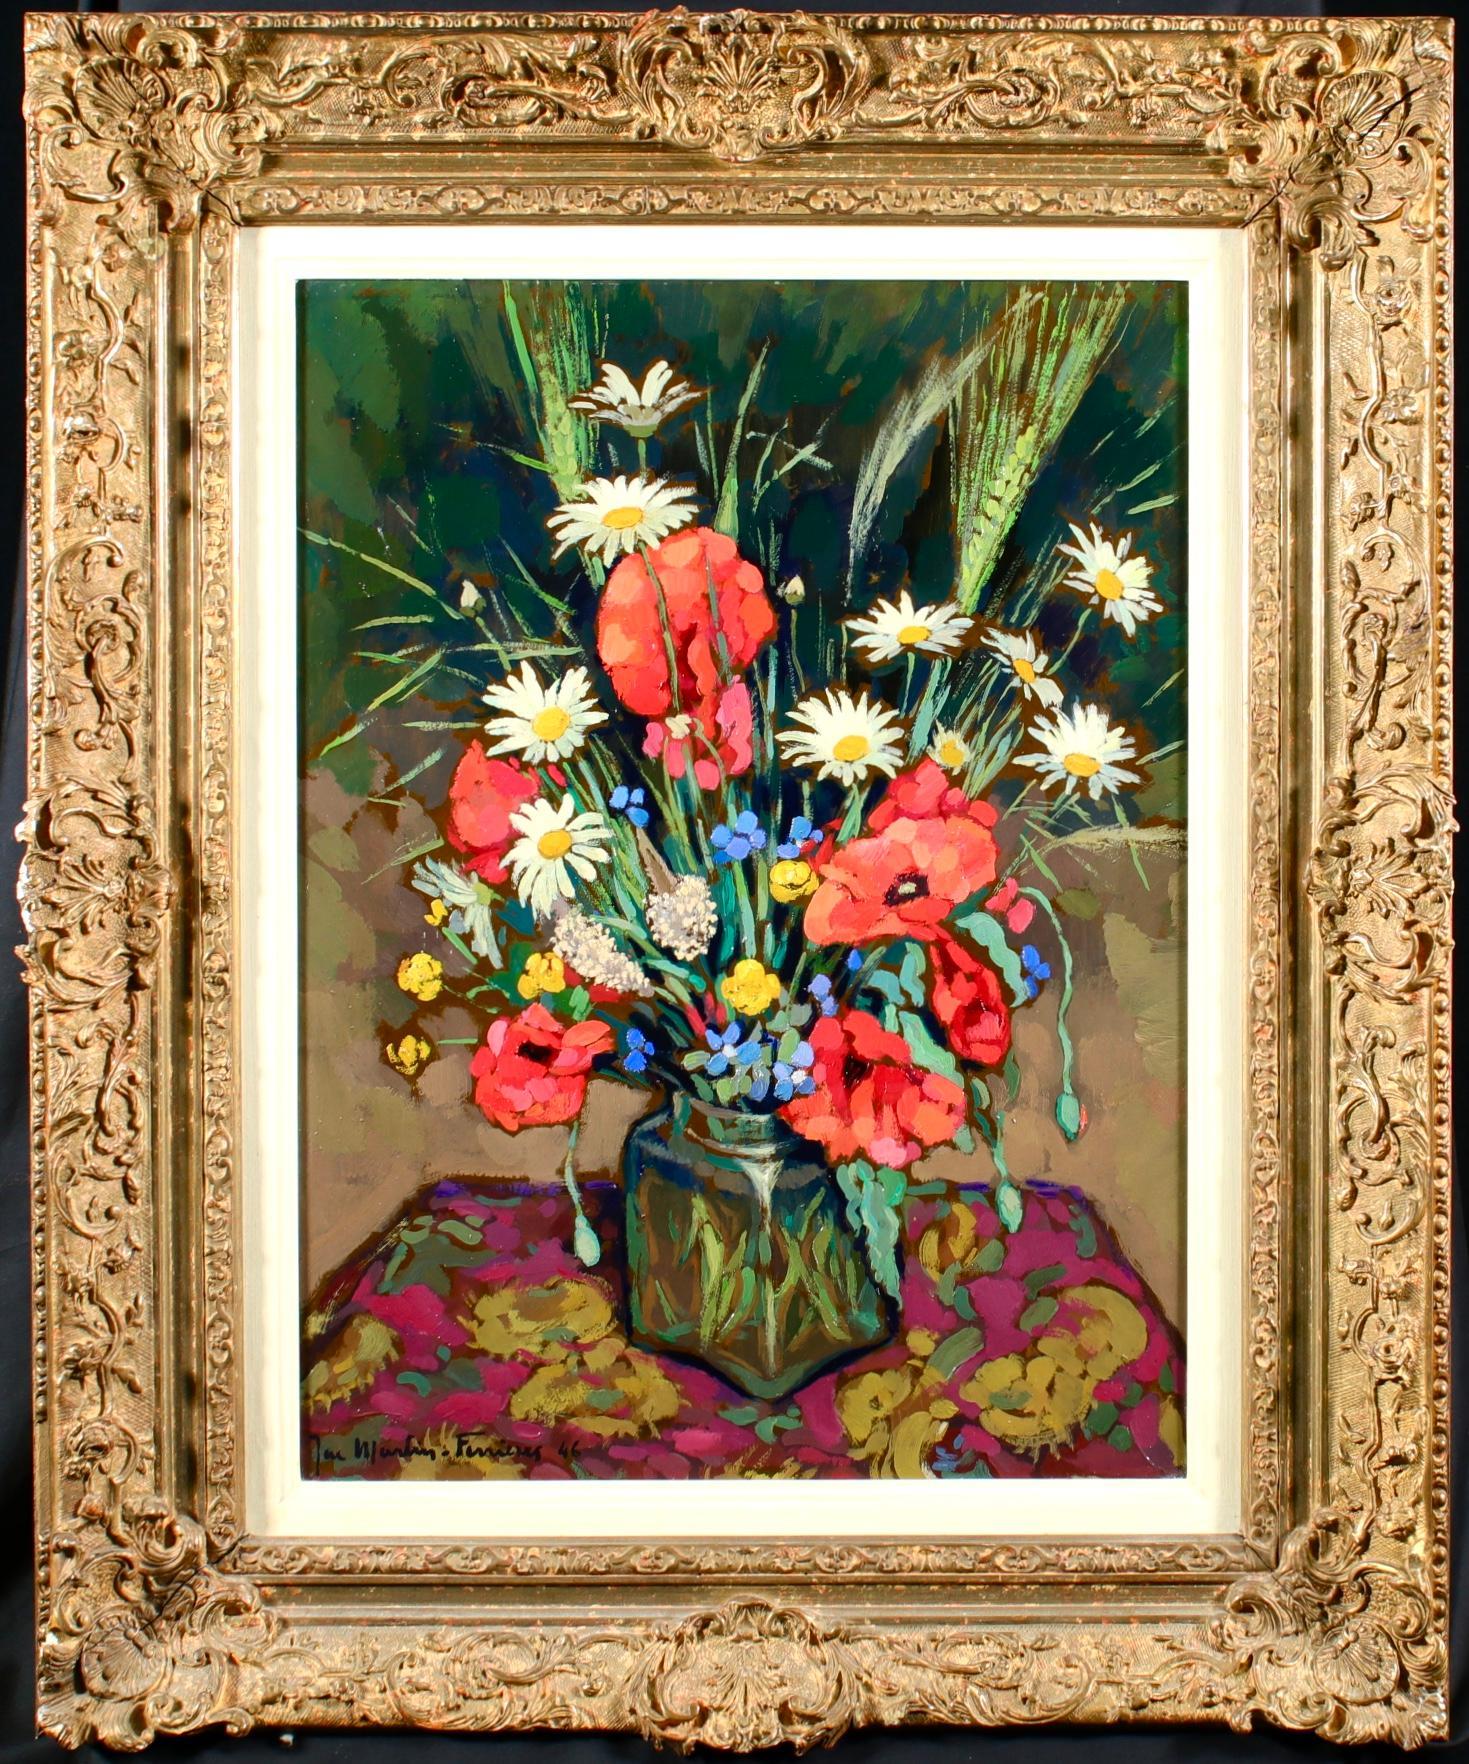 Bouquet de Fleurs - Post Impressionist Oil, Flowers by Jacques Martin-Ferrieres